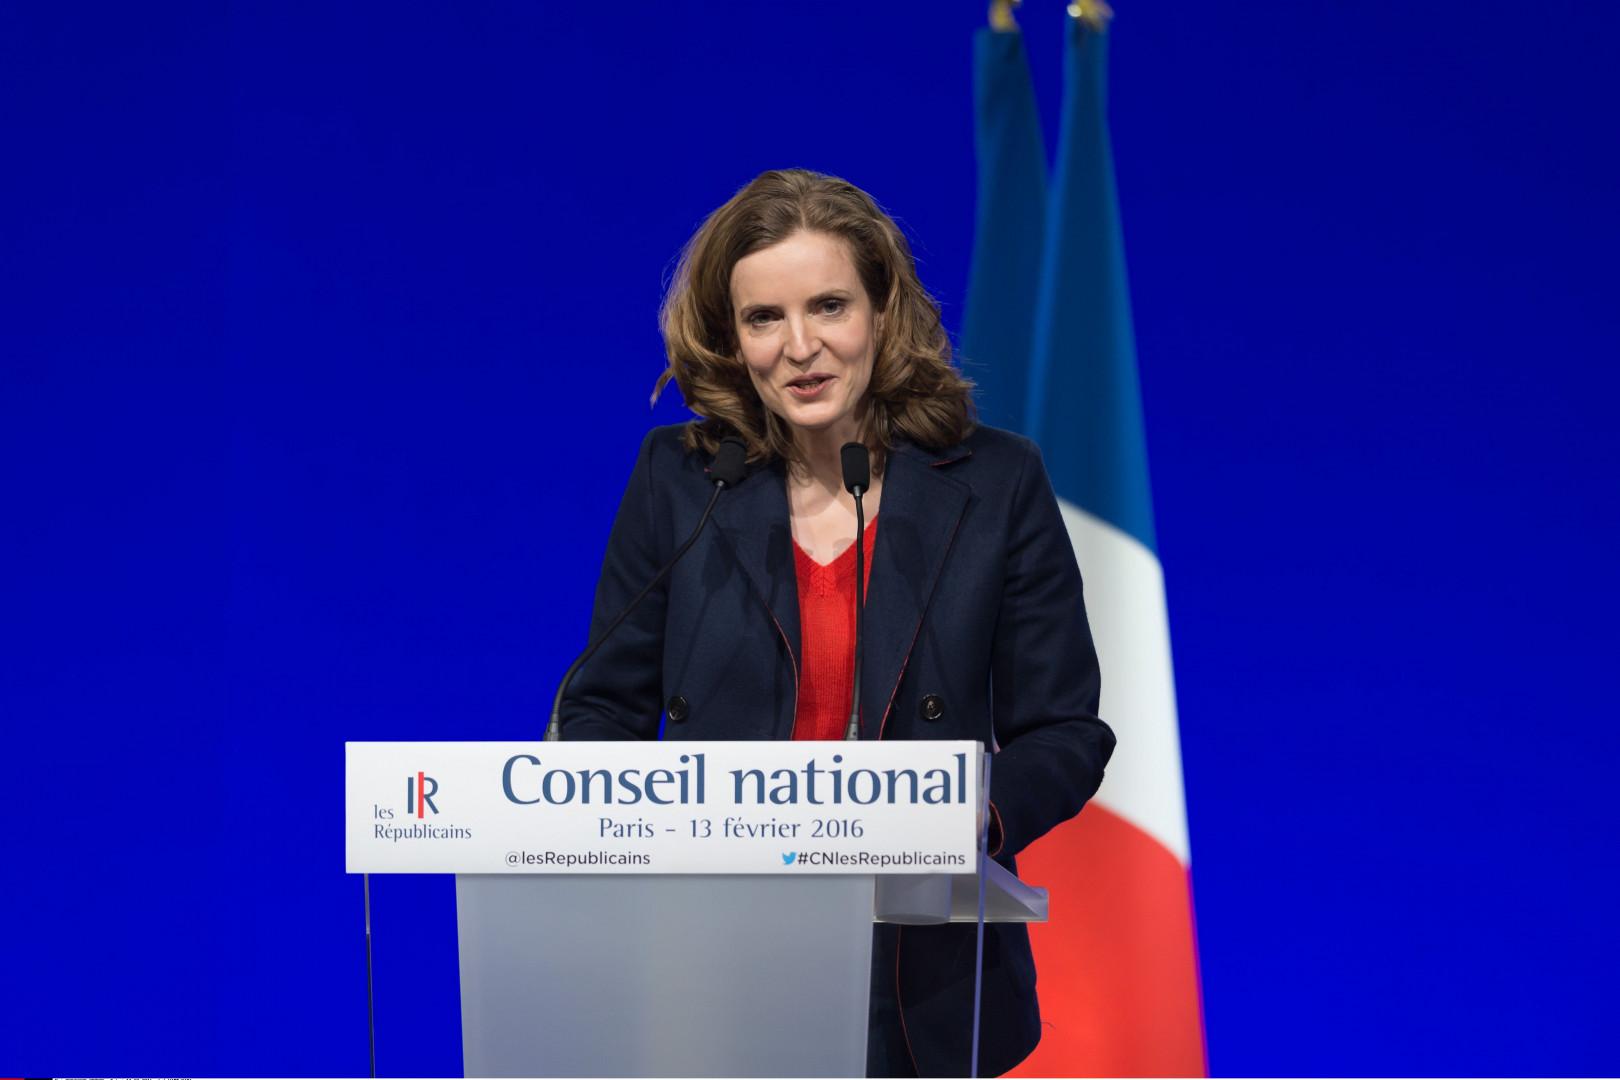 Nathalie Kosciusko-Morizet, ancienne ministre de l'Écologie et porte-parole de Nicolas Sarkozy